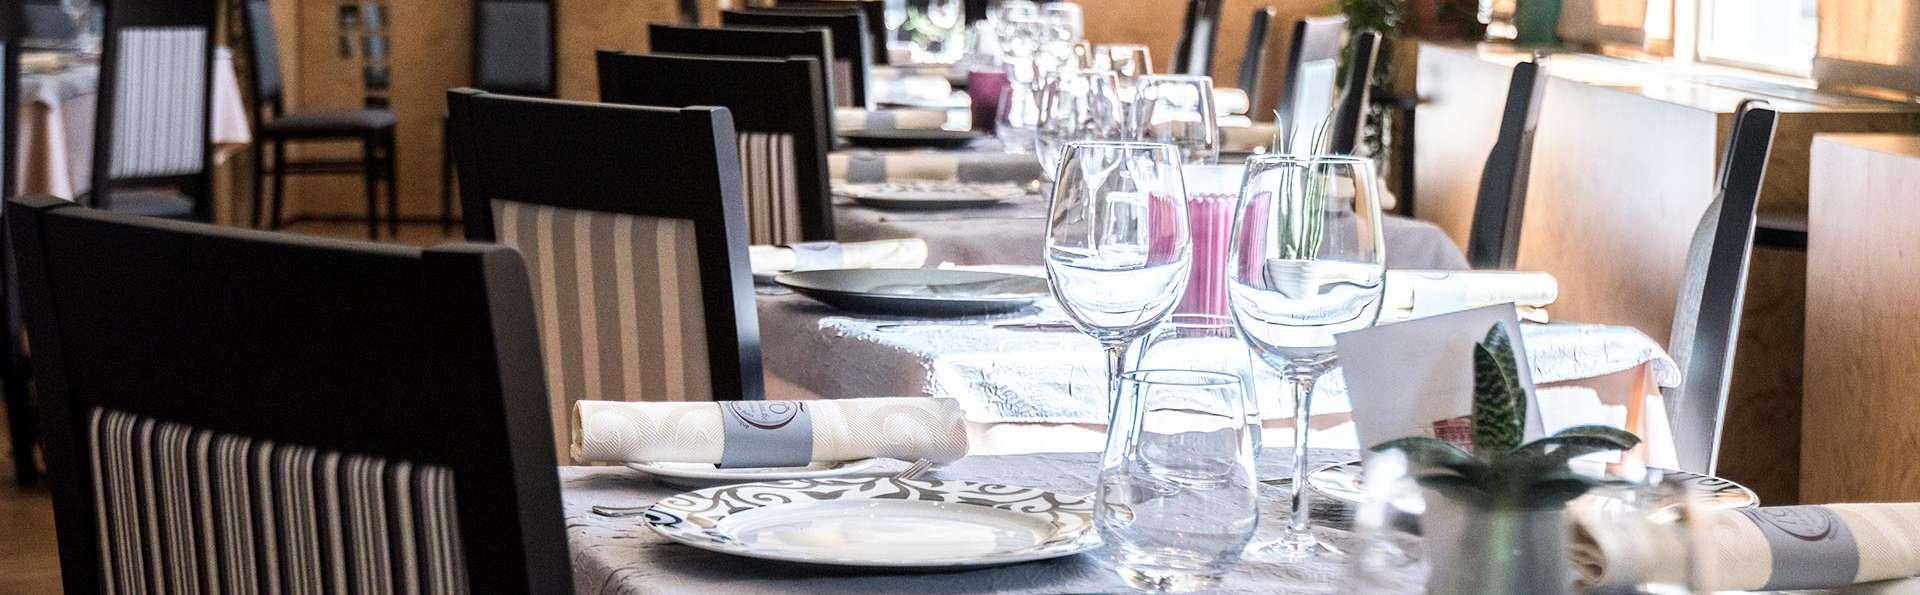 Bien-être et table bistronomique au cœur des Alpes